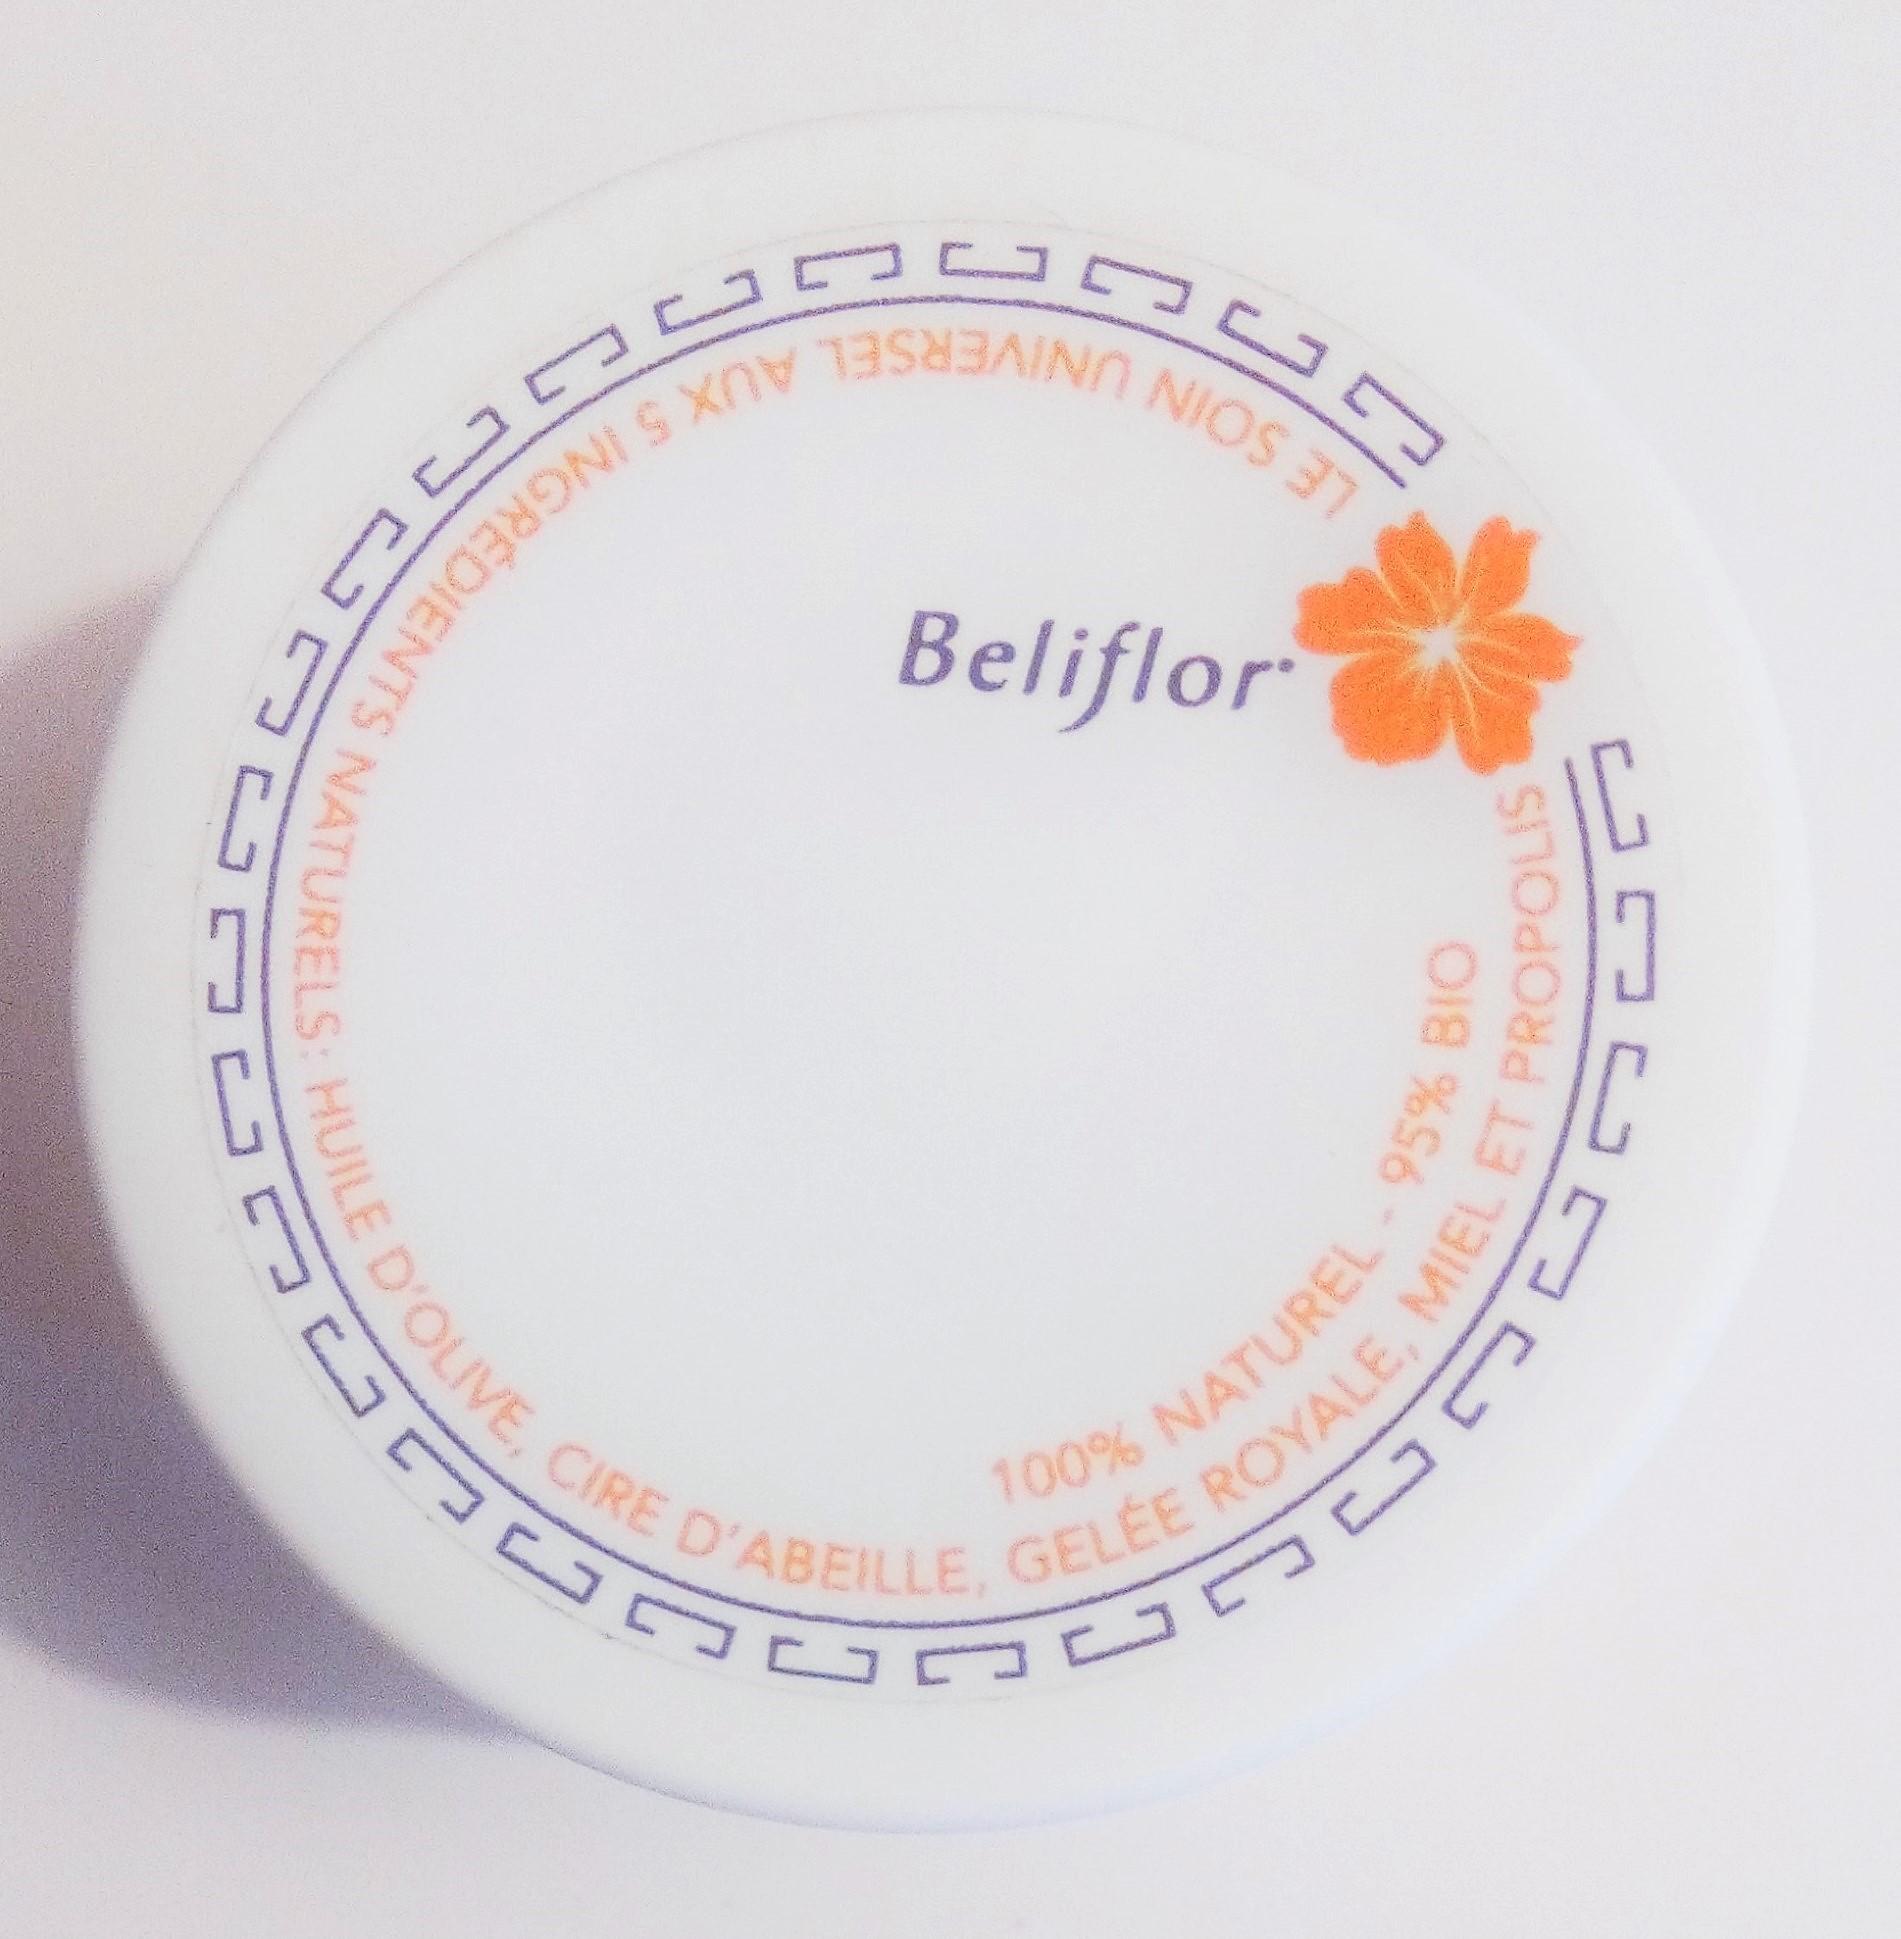 baume-beliflor-miel-bio-lylliemusabrand